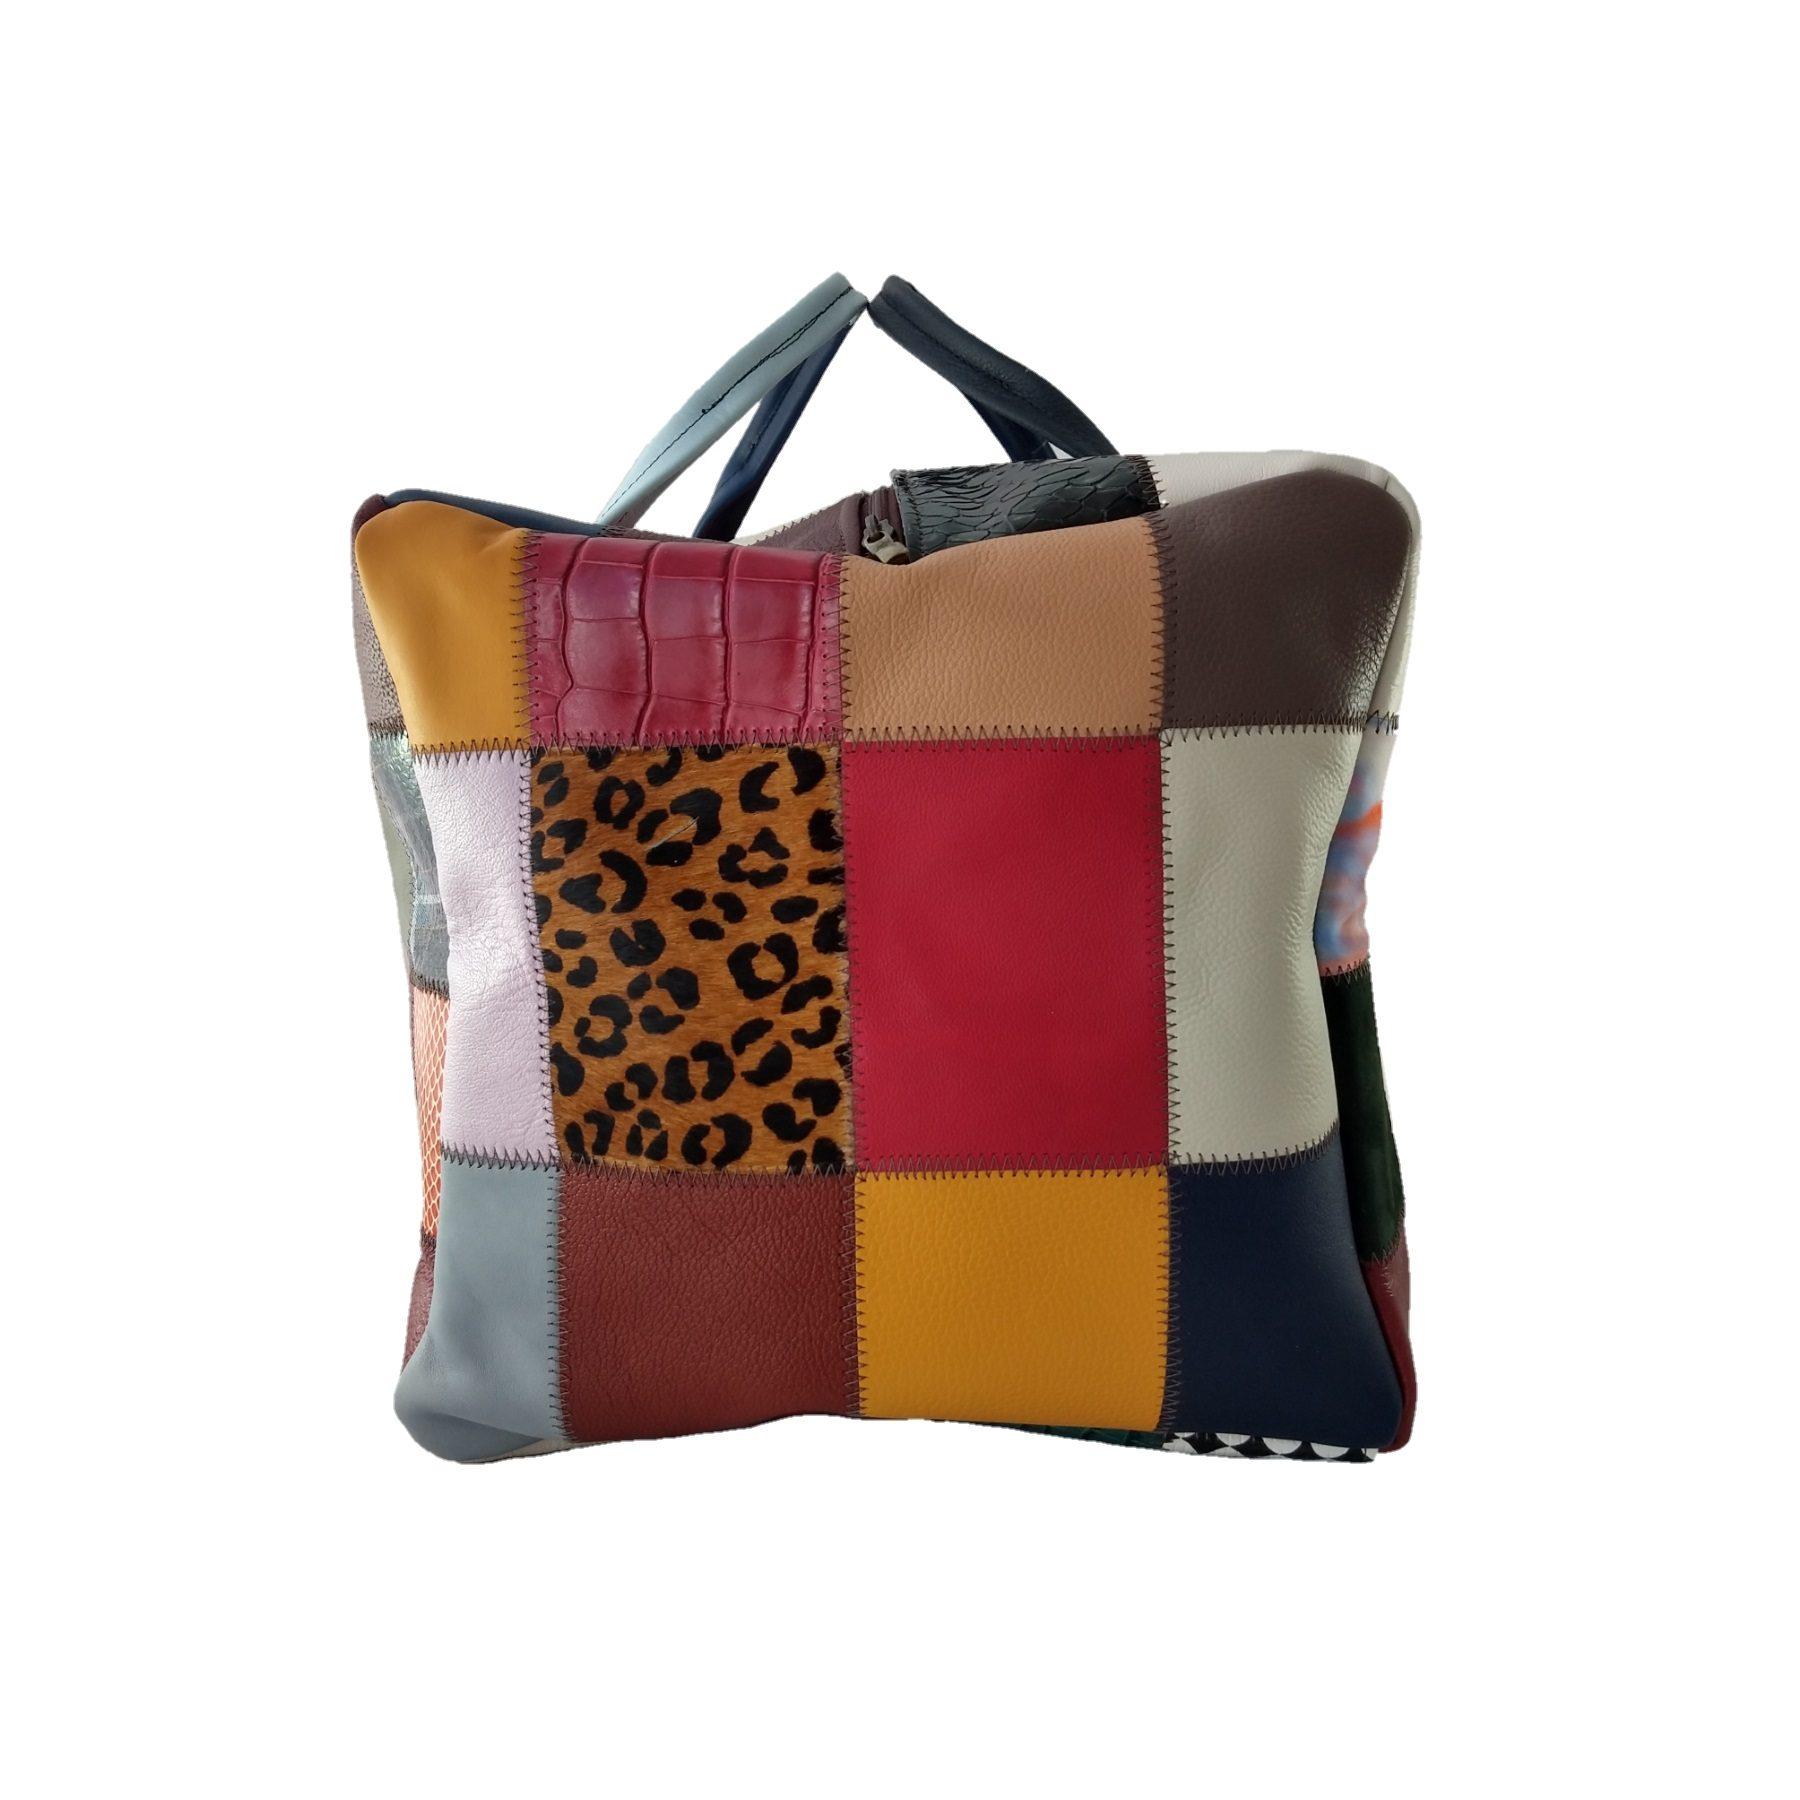 Mala de Viagem TopGrife Couro Patchwork Multicolorido  - SAPATOWEB.COM